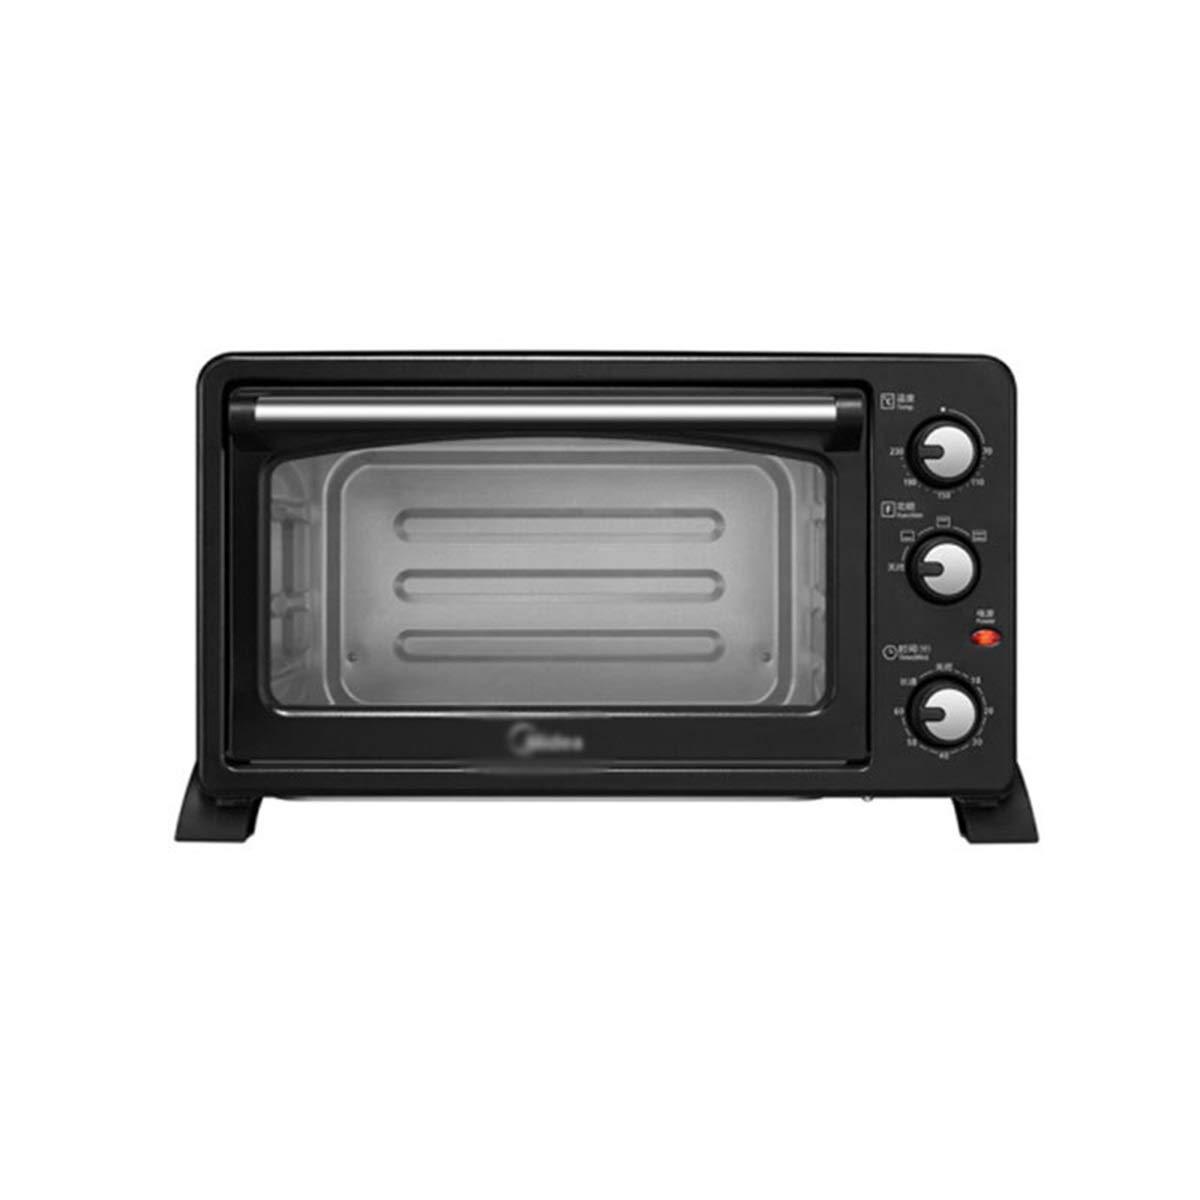 PANGU-ZC ミニオーブン - 電気オーブン家庭用ベーキング多機能オーブン4管加熱3D加熱オーブン -オーブン   B07Q28VVHH